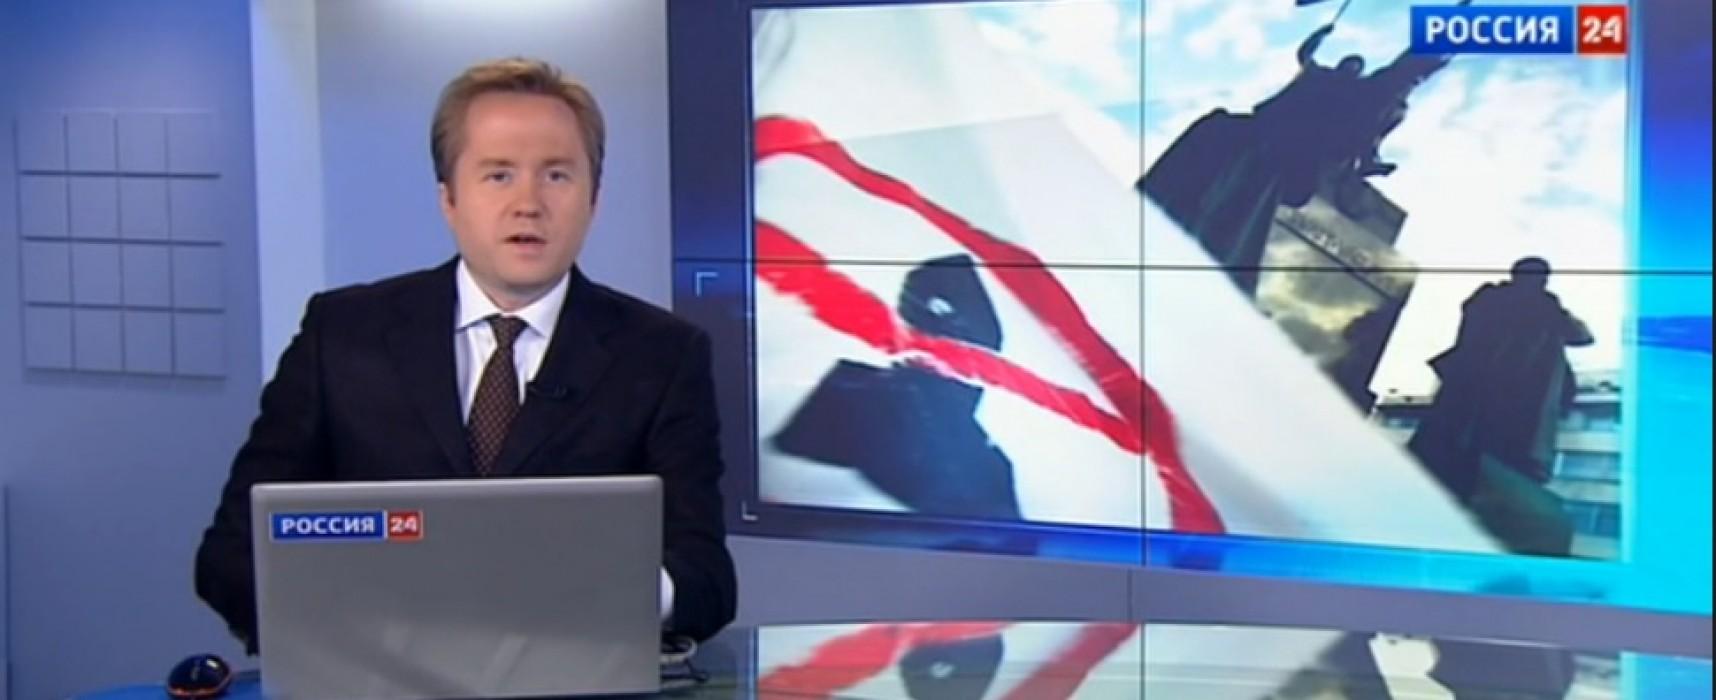 La prensa rusa mostró el mitin en apoyo del presidente checo como una protesta contra las sanciones antirusos